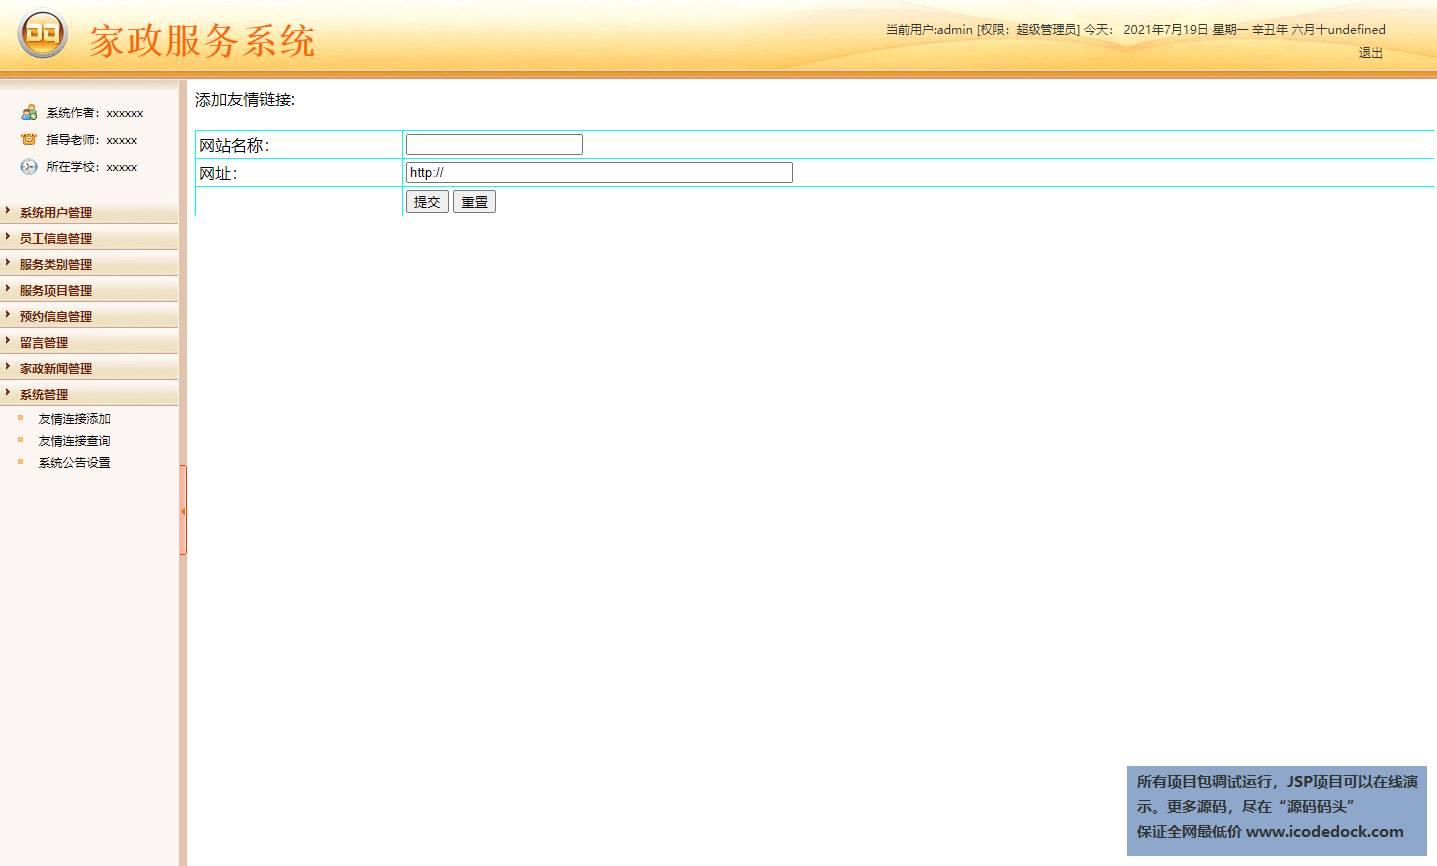 源码码头-JSP在线家政服务平台网站-管理员角色-系统管理